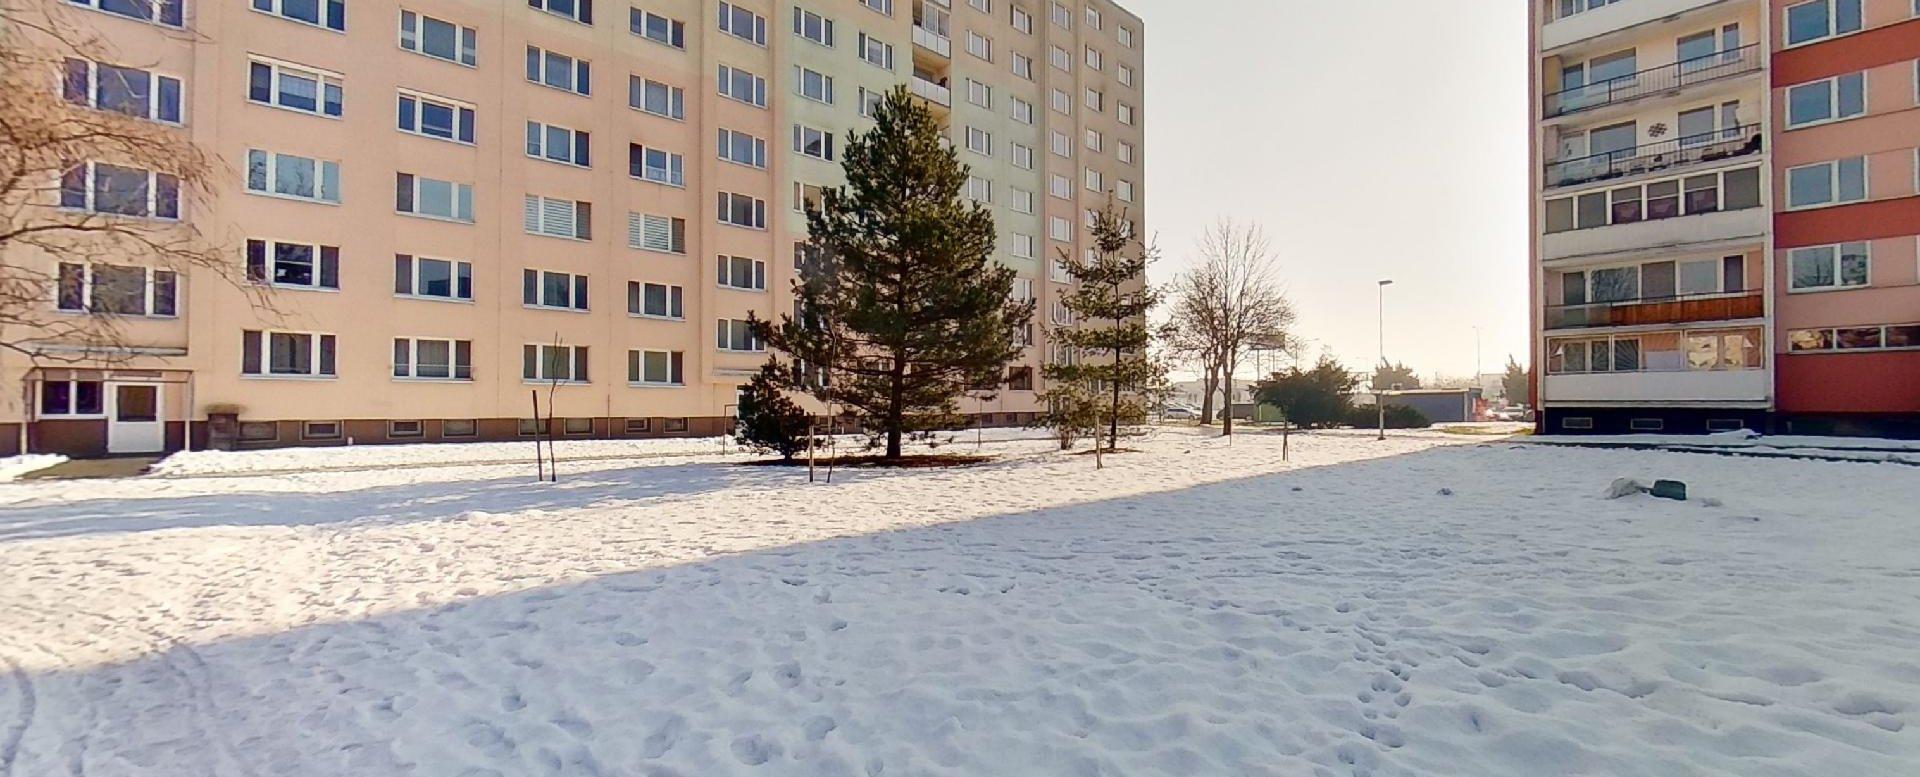 Pohľad na bytový dom